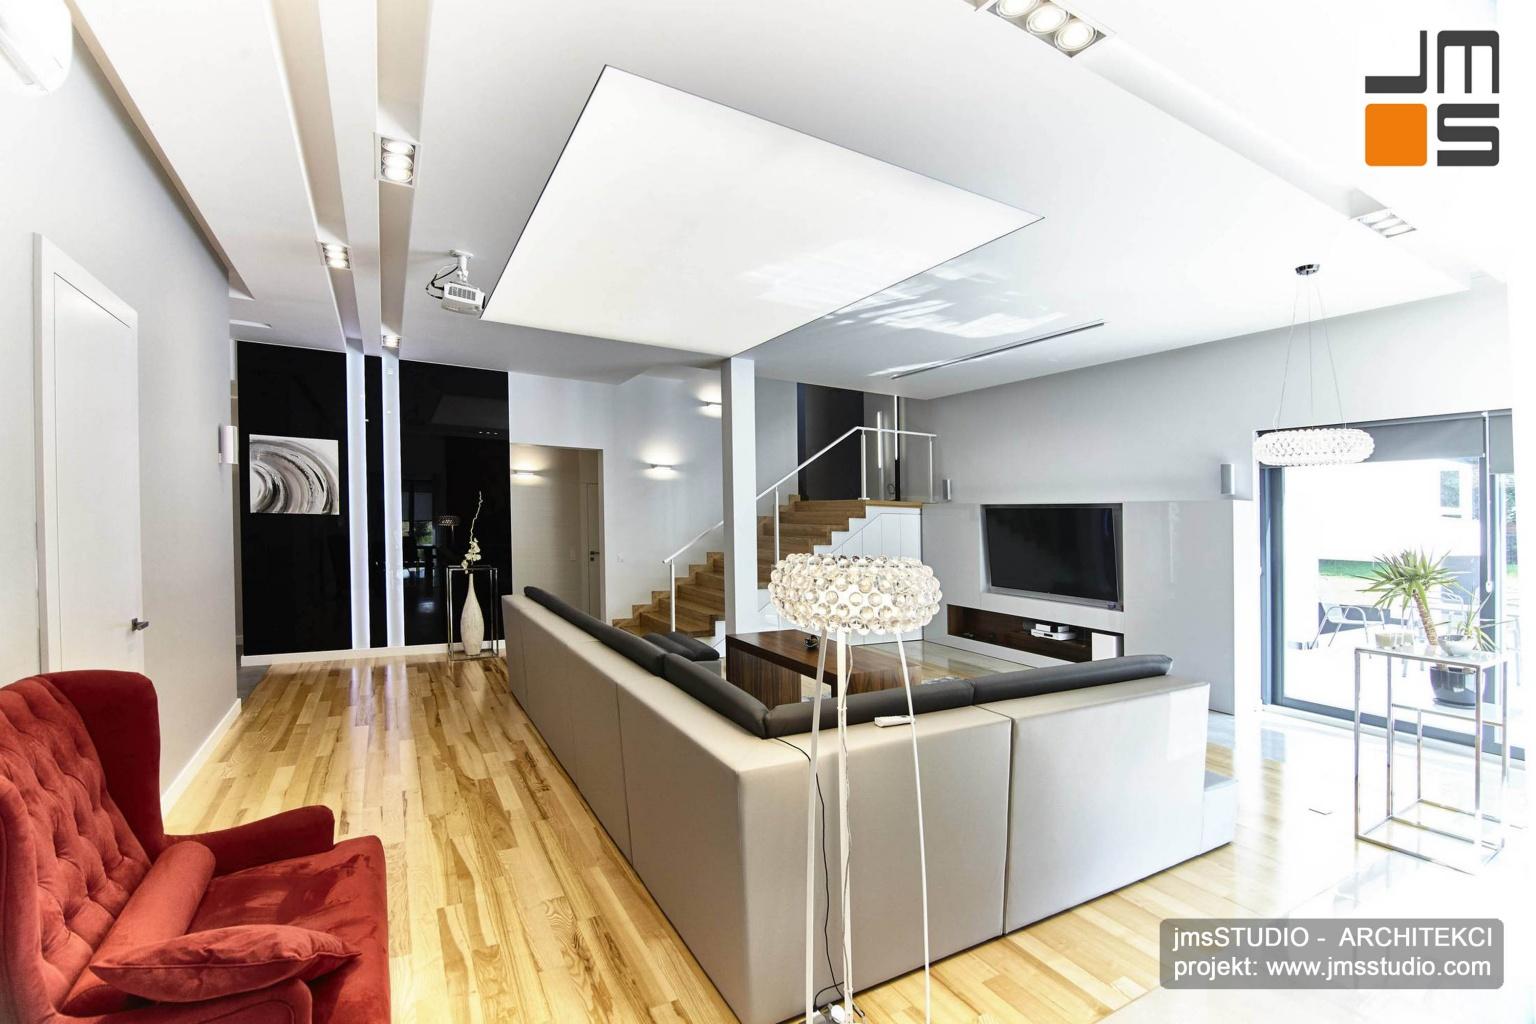 2018 06 projekt wnętrz zakładał że w dużym salonie wnęka na oświetlenie przejdzie w dekoracyjne pasy na ścianie to designerski pomysł na dekoracje wnętrz salonu